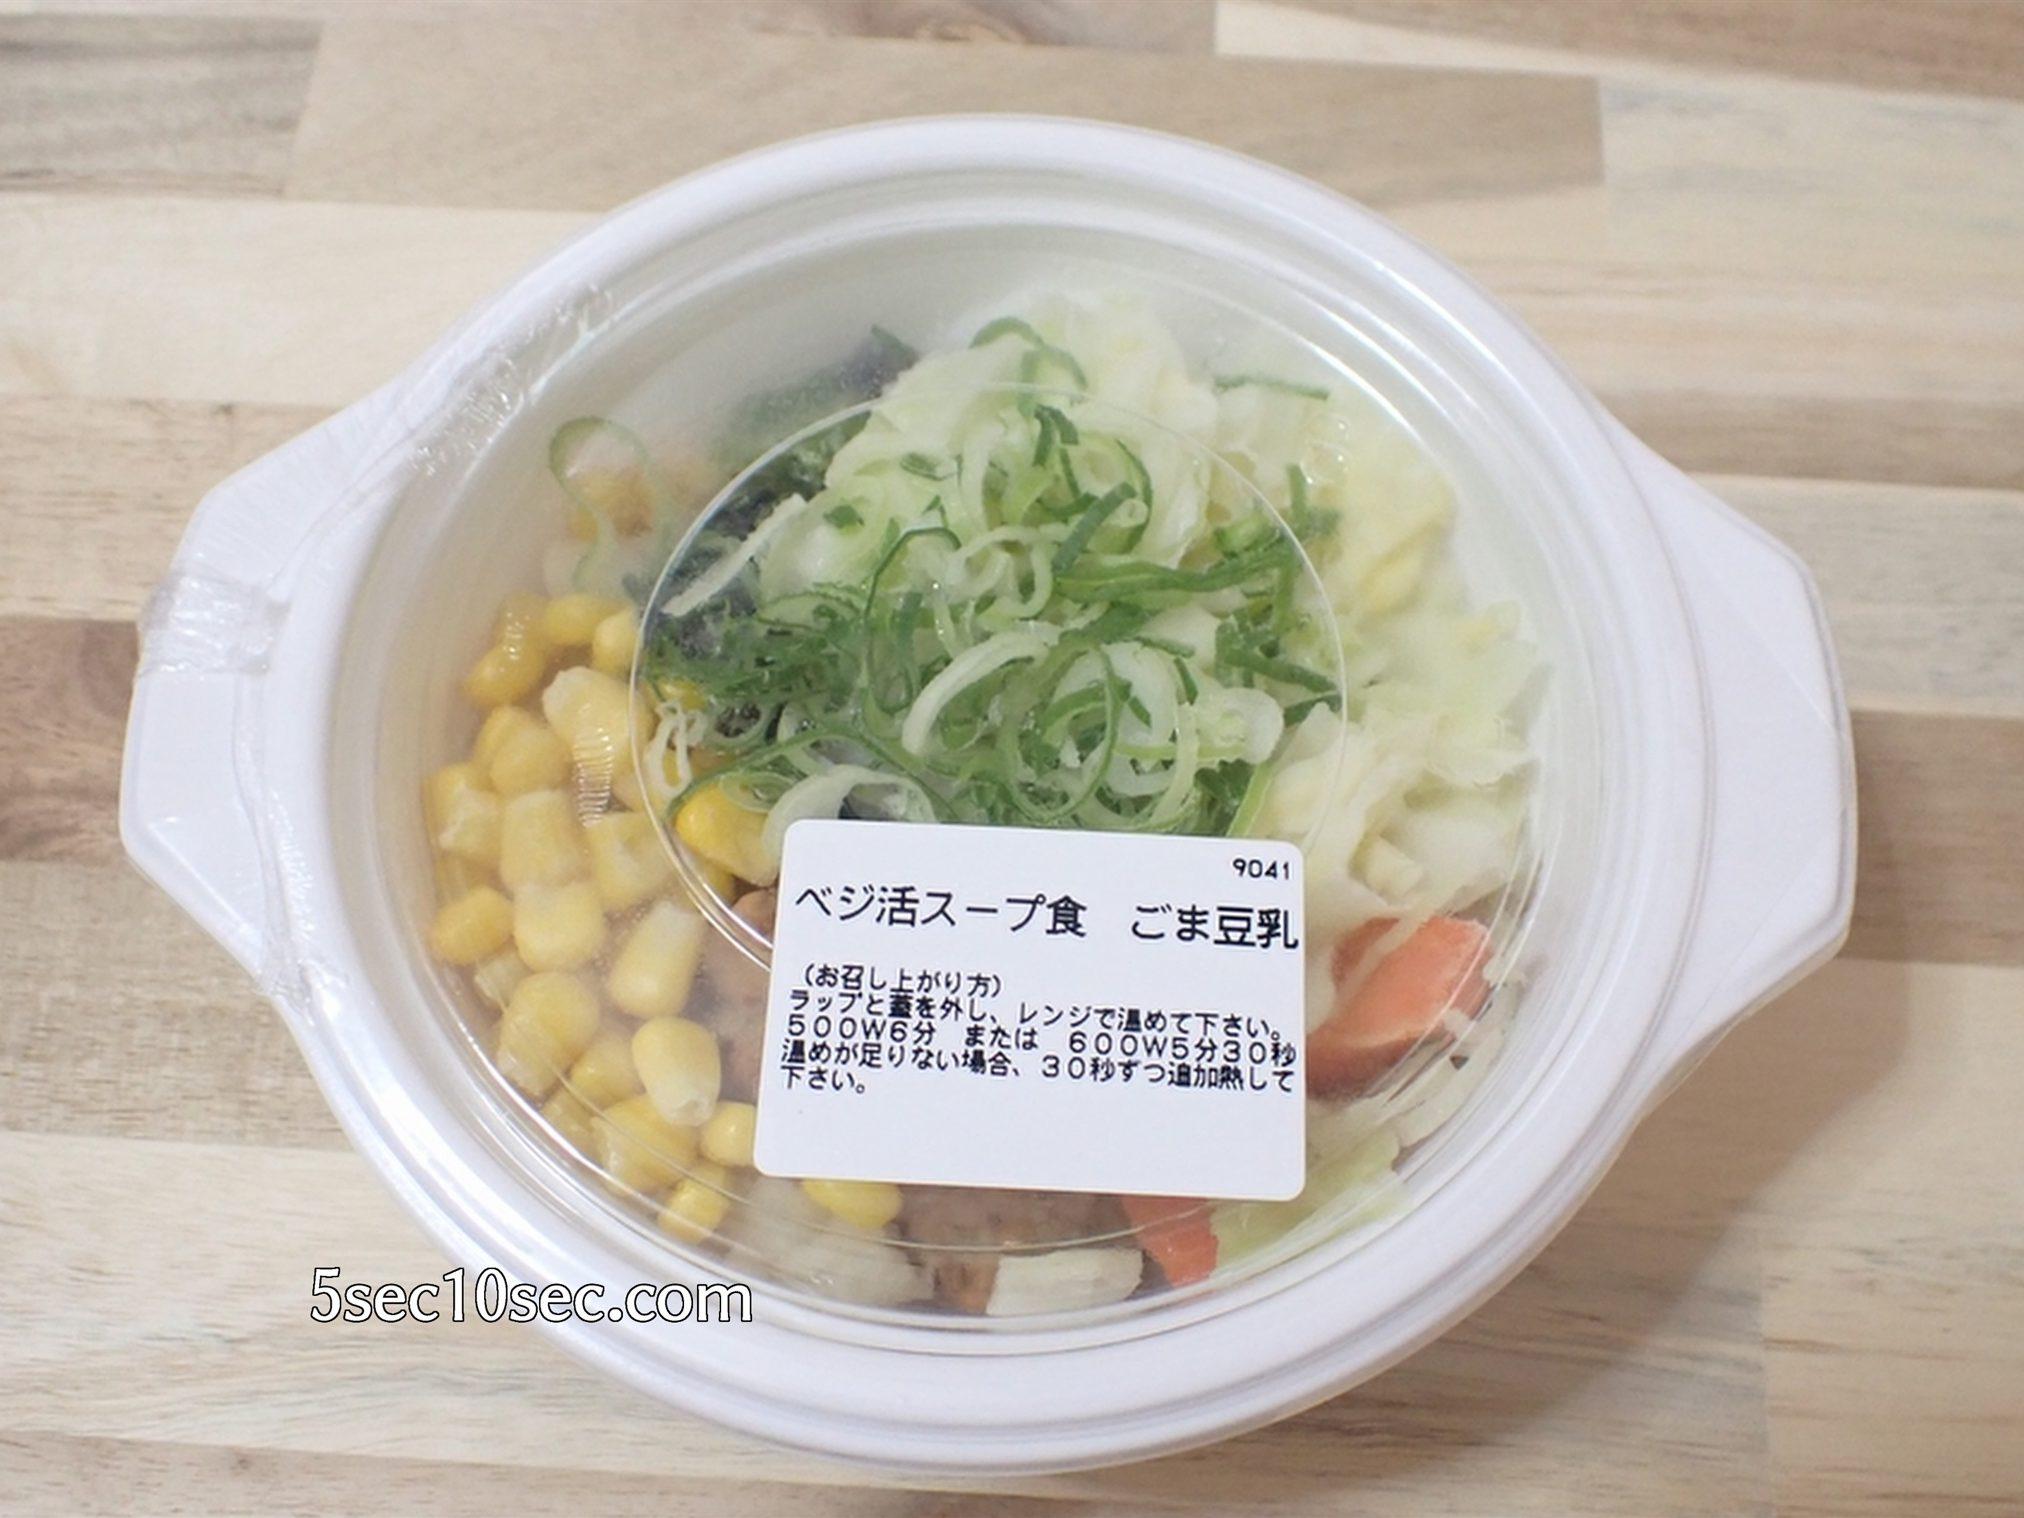 ウェルネスダイニング ベジ活スープ食 ごま豆乳 冷凍の状態で届きます